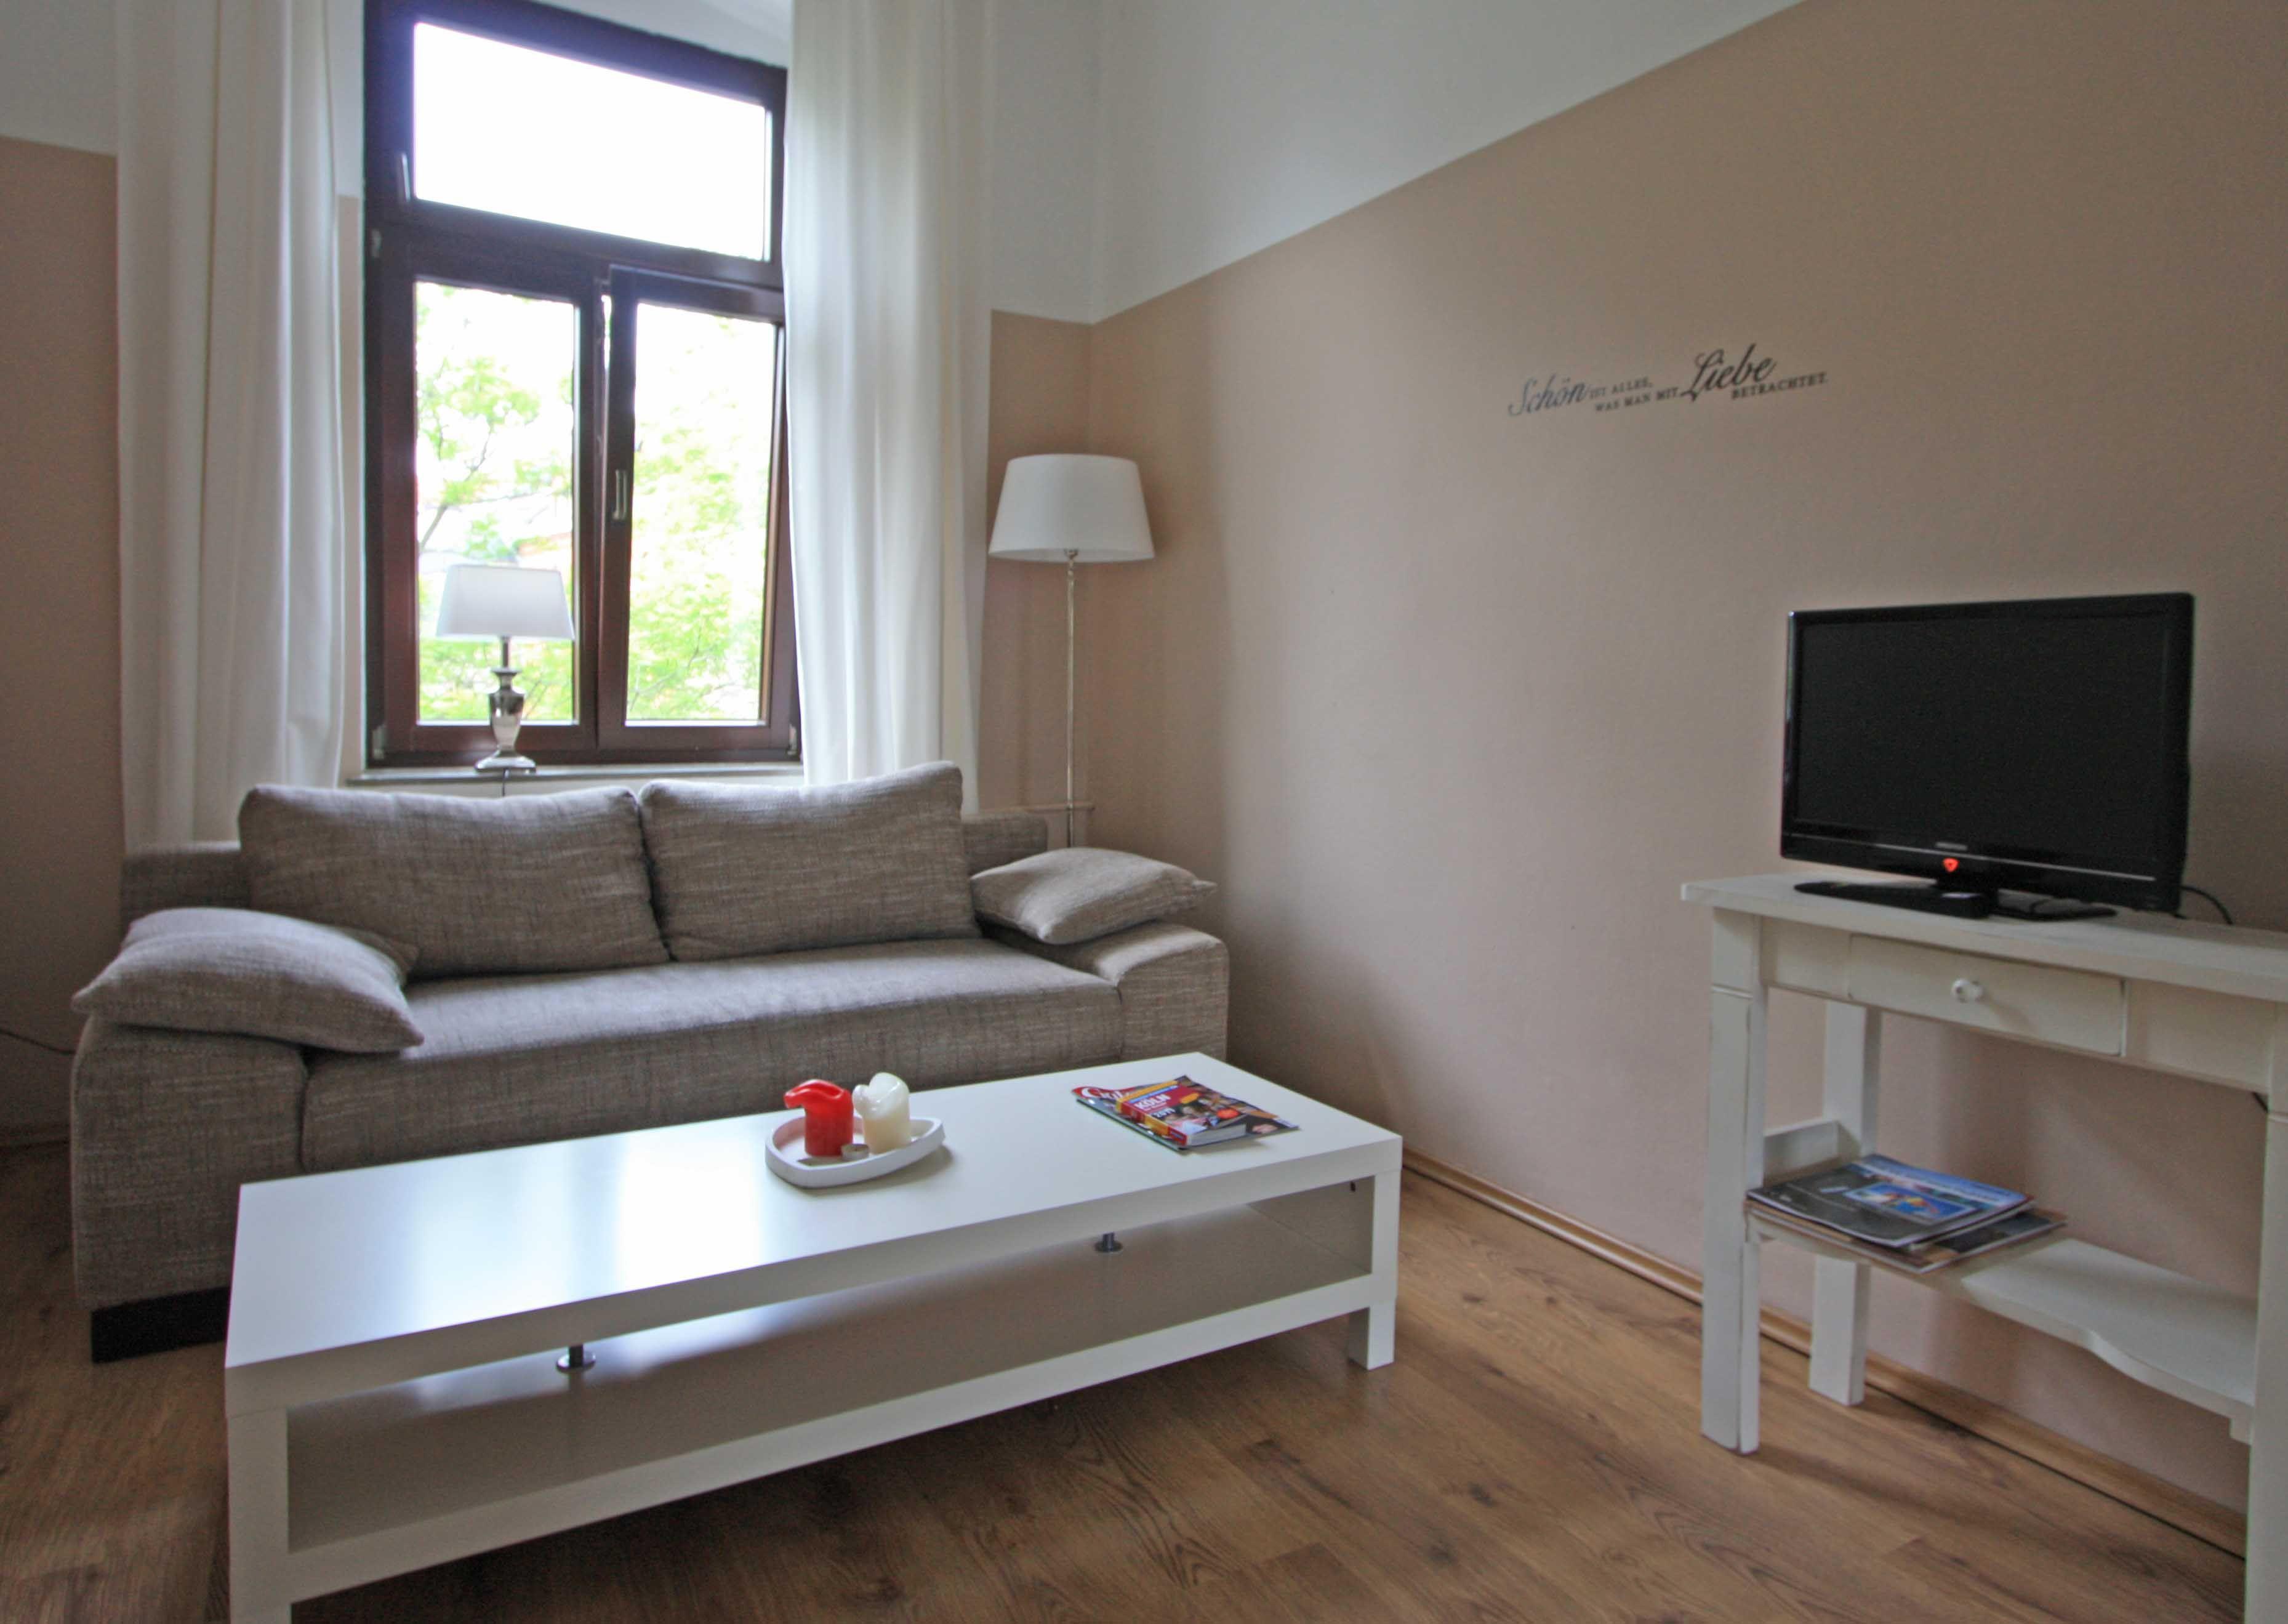 Apartamento con estilo con TV y Sábanas y toallas en Colonia